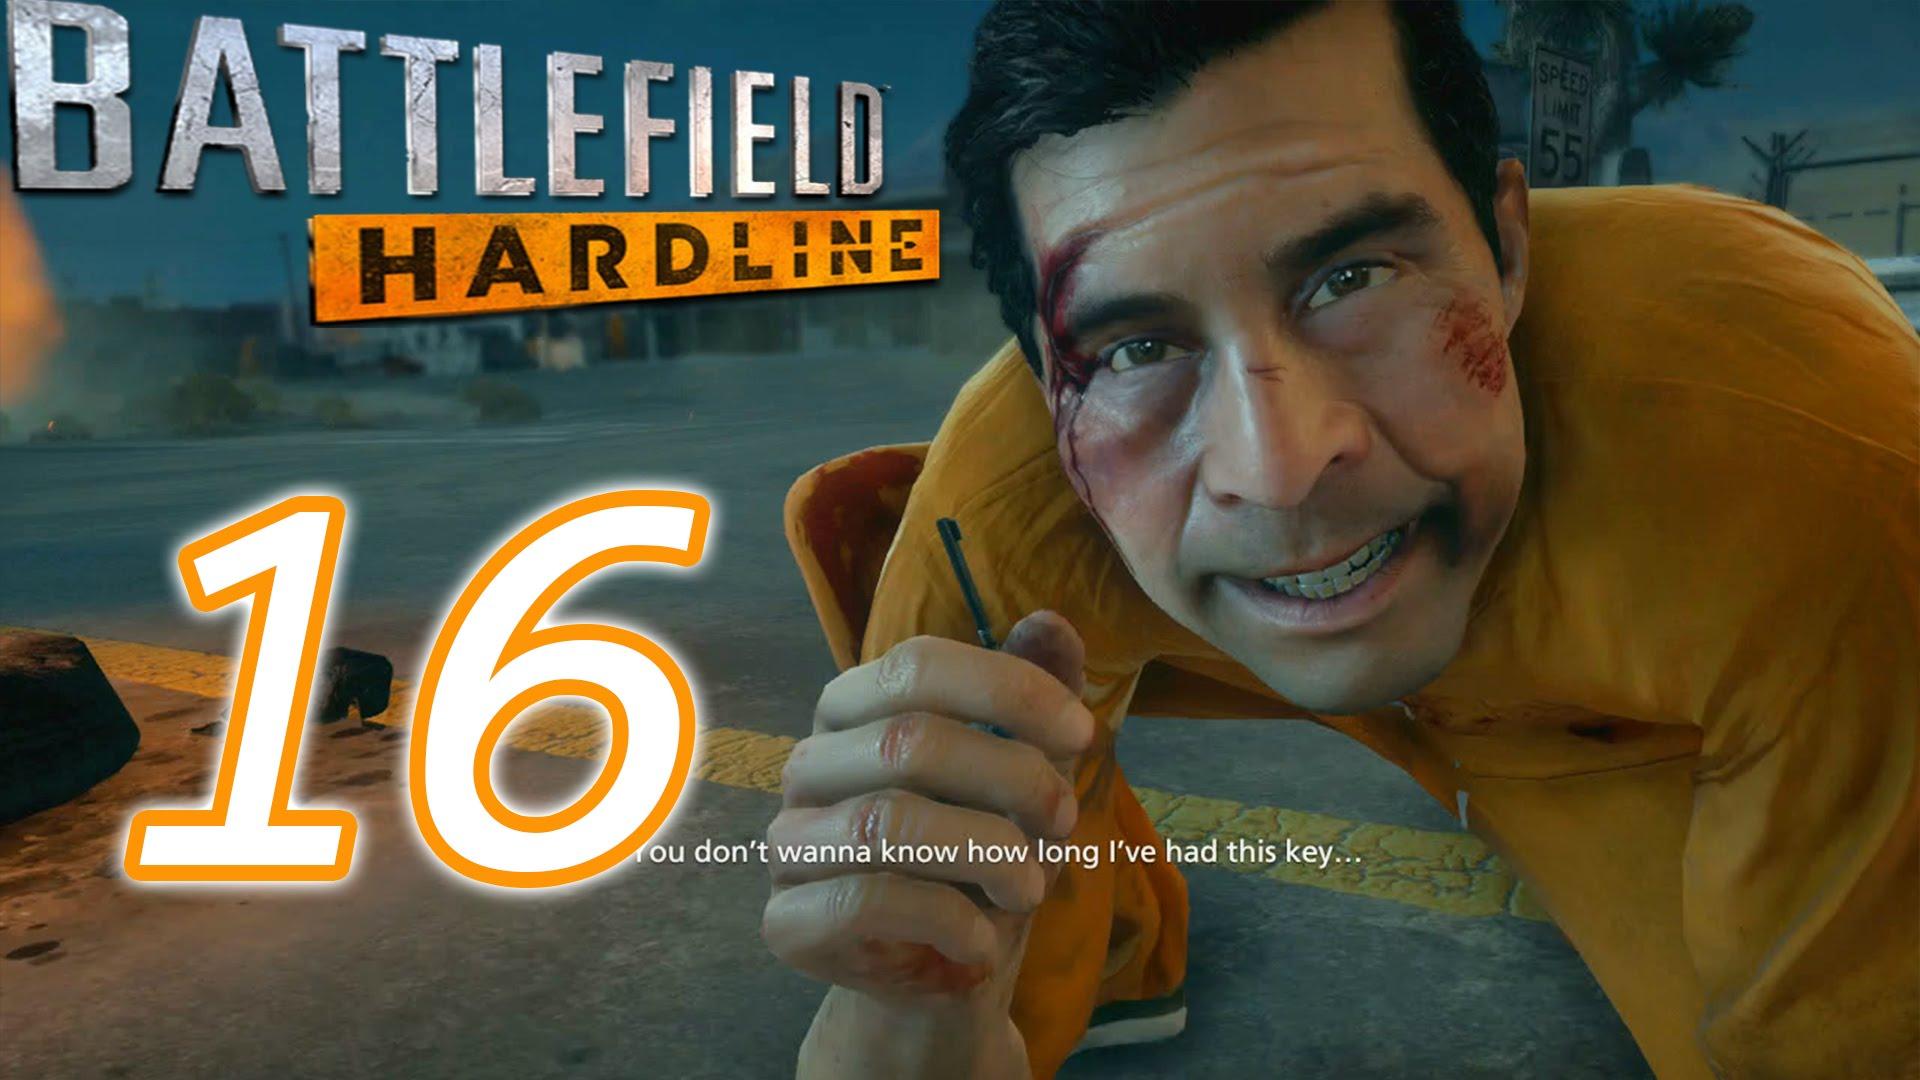 بتلفیلد هاردلاین مرحله 16 - Battlefield Hardline-PC